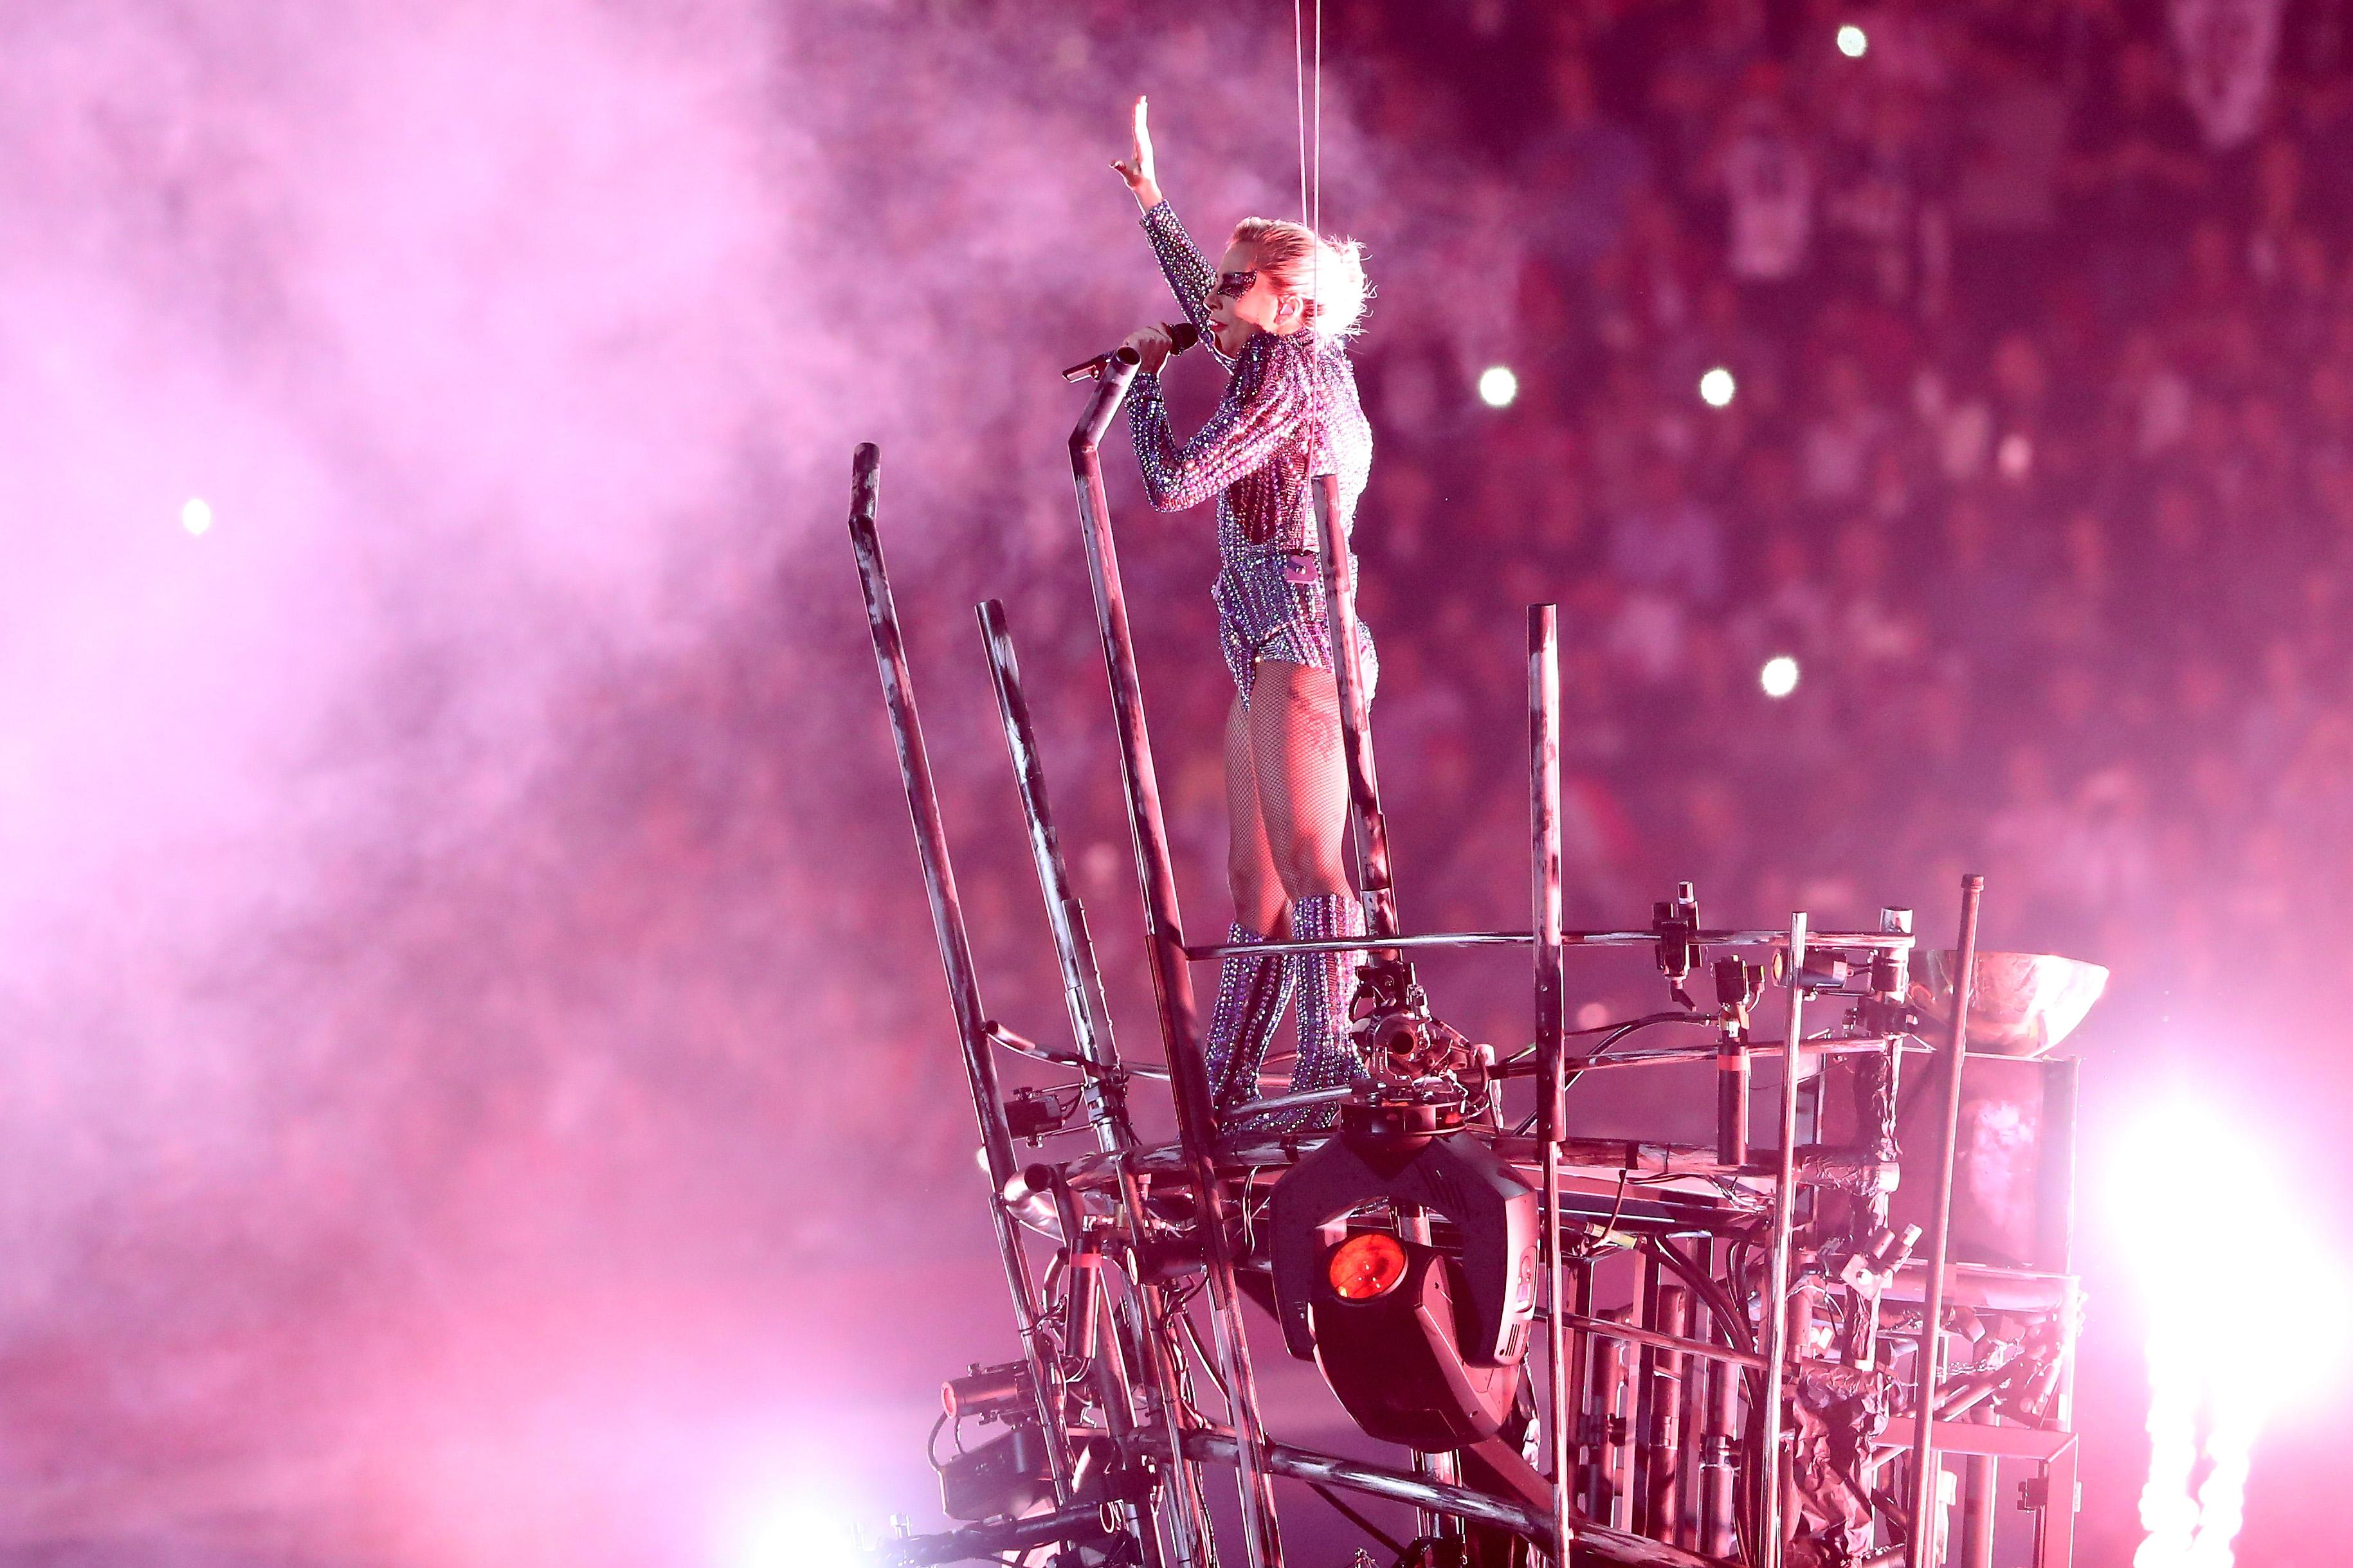 Detalle de la presentación de Lady Gaga en el espectáculo de medio tiempo del Super Bowl 51. (Crédito: Patrick Smith/Getty Images)